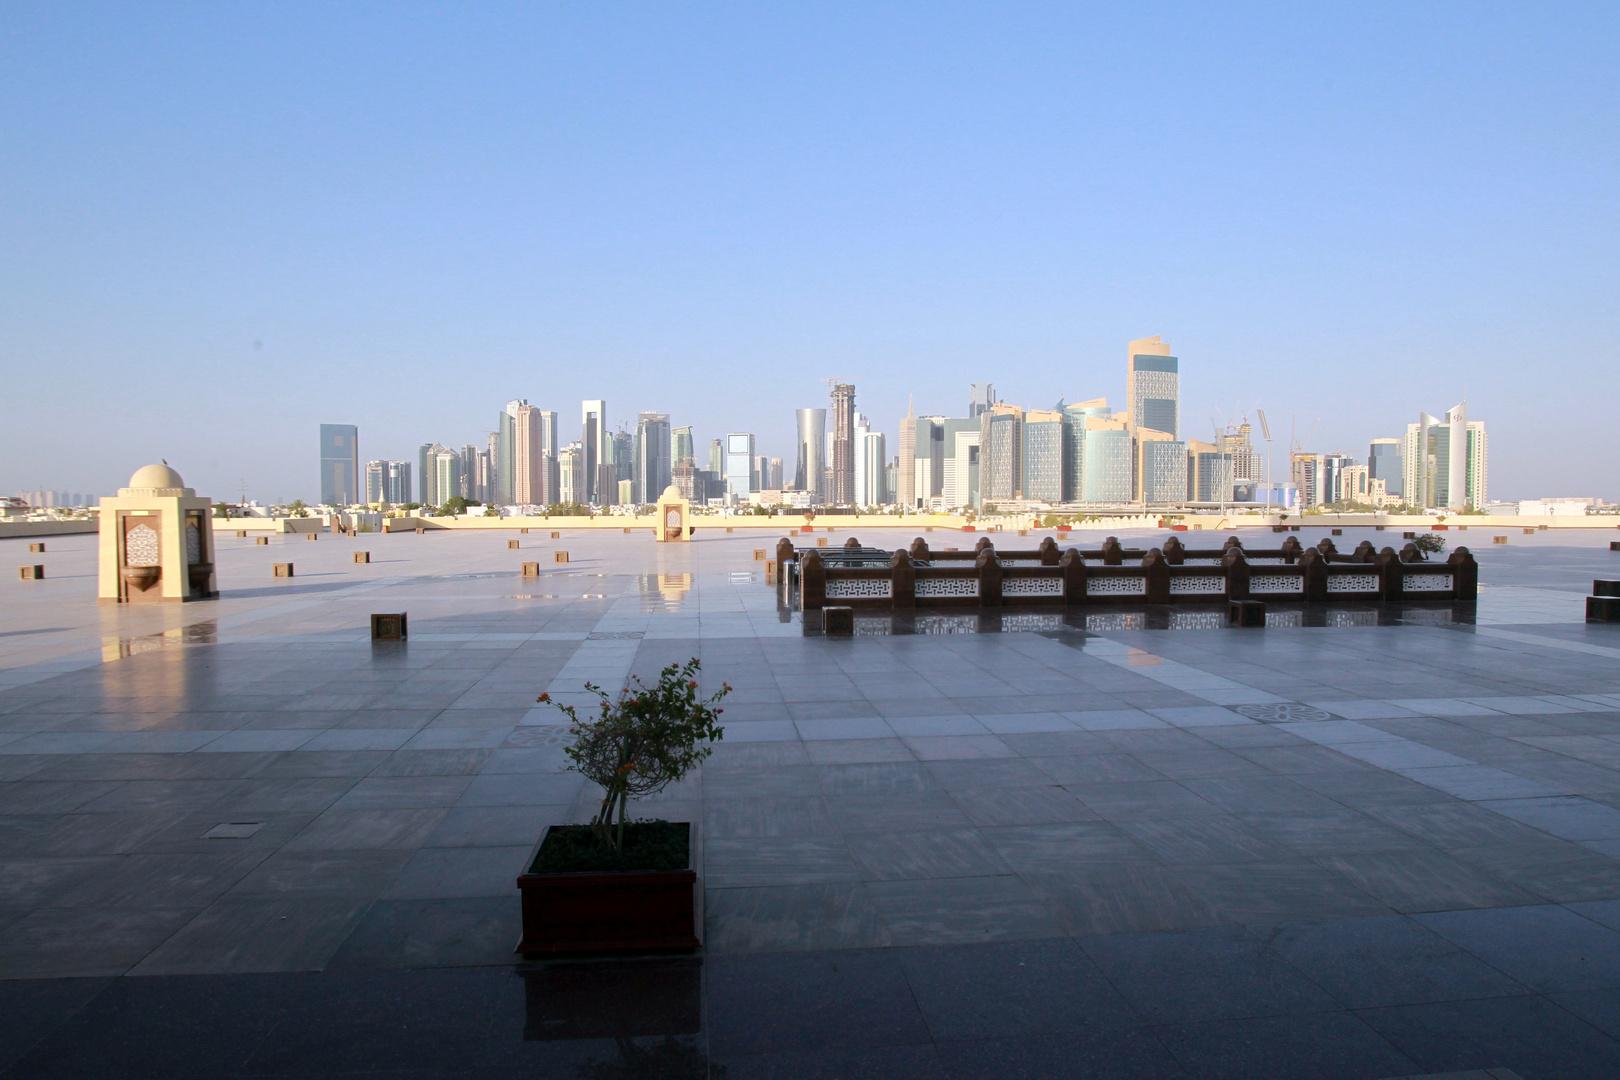 قطر تصدر بيانا بشأن اقتحام السفارة الأمريكية في بغداد